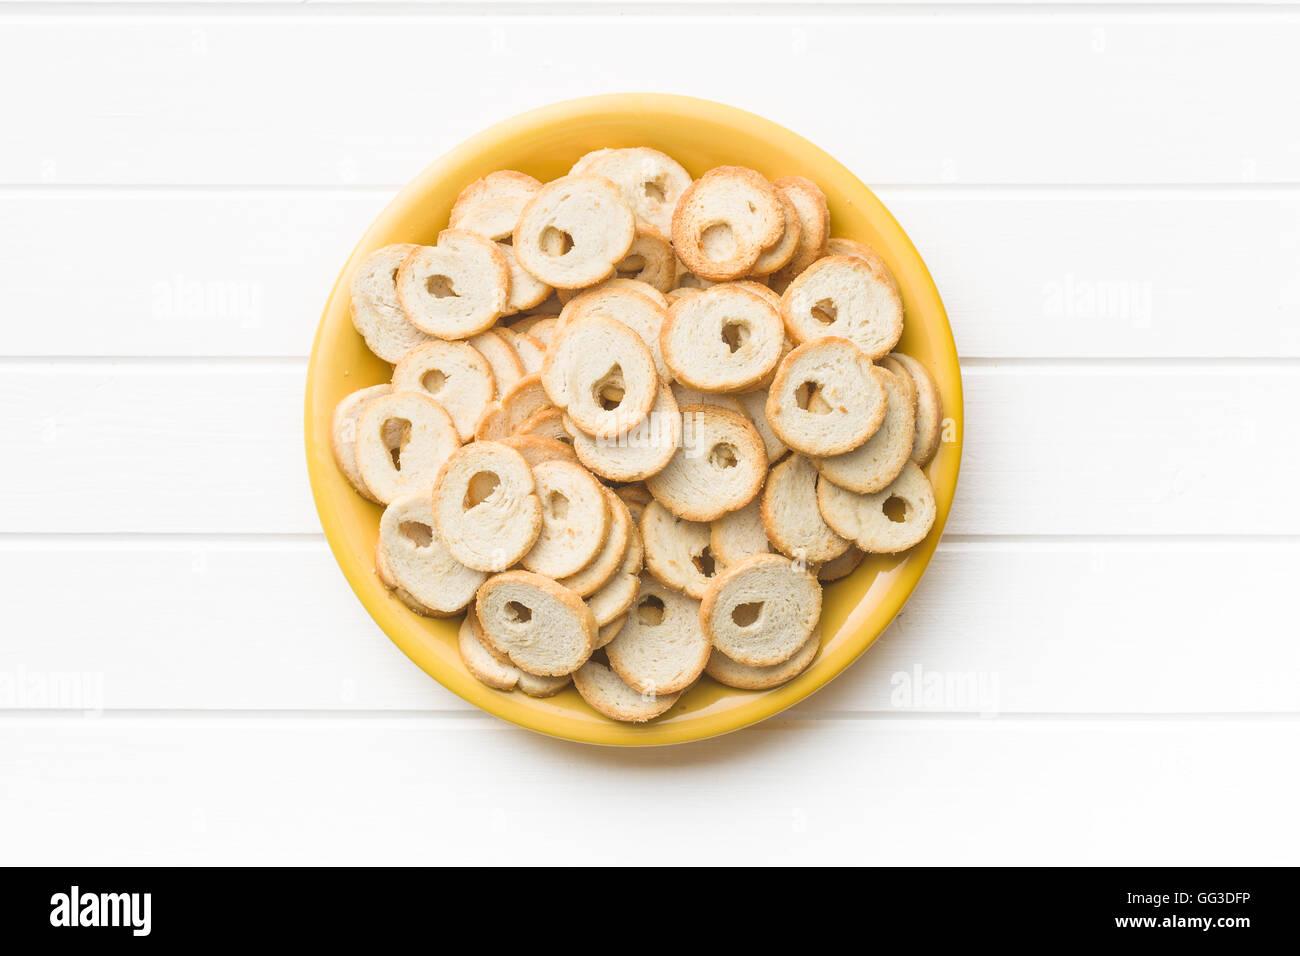 Le mini chips de pain sur une plaque. Banque D'Images